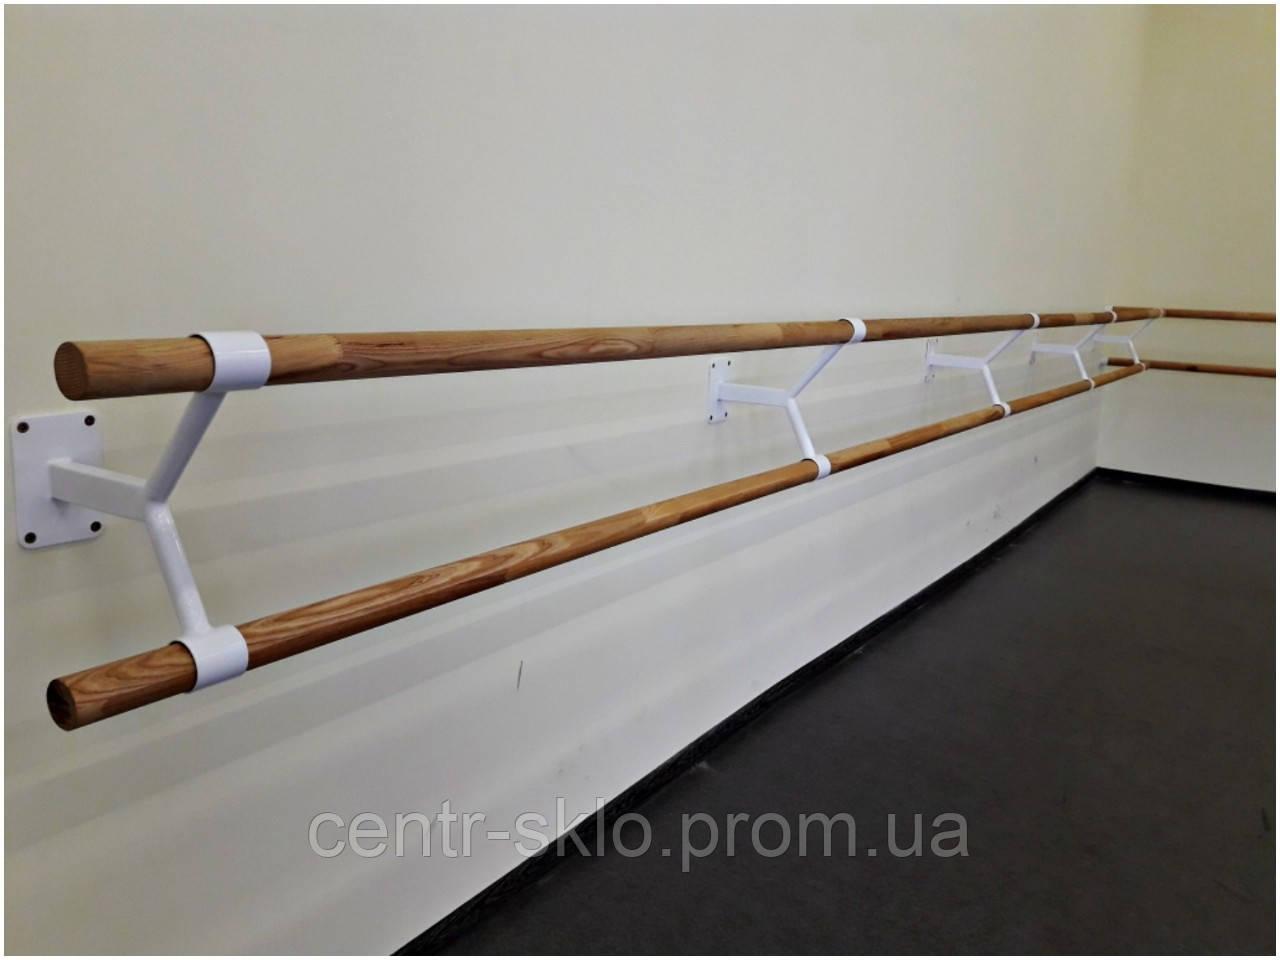 Хореографические (балетные) станки